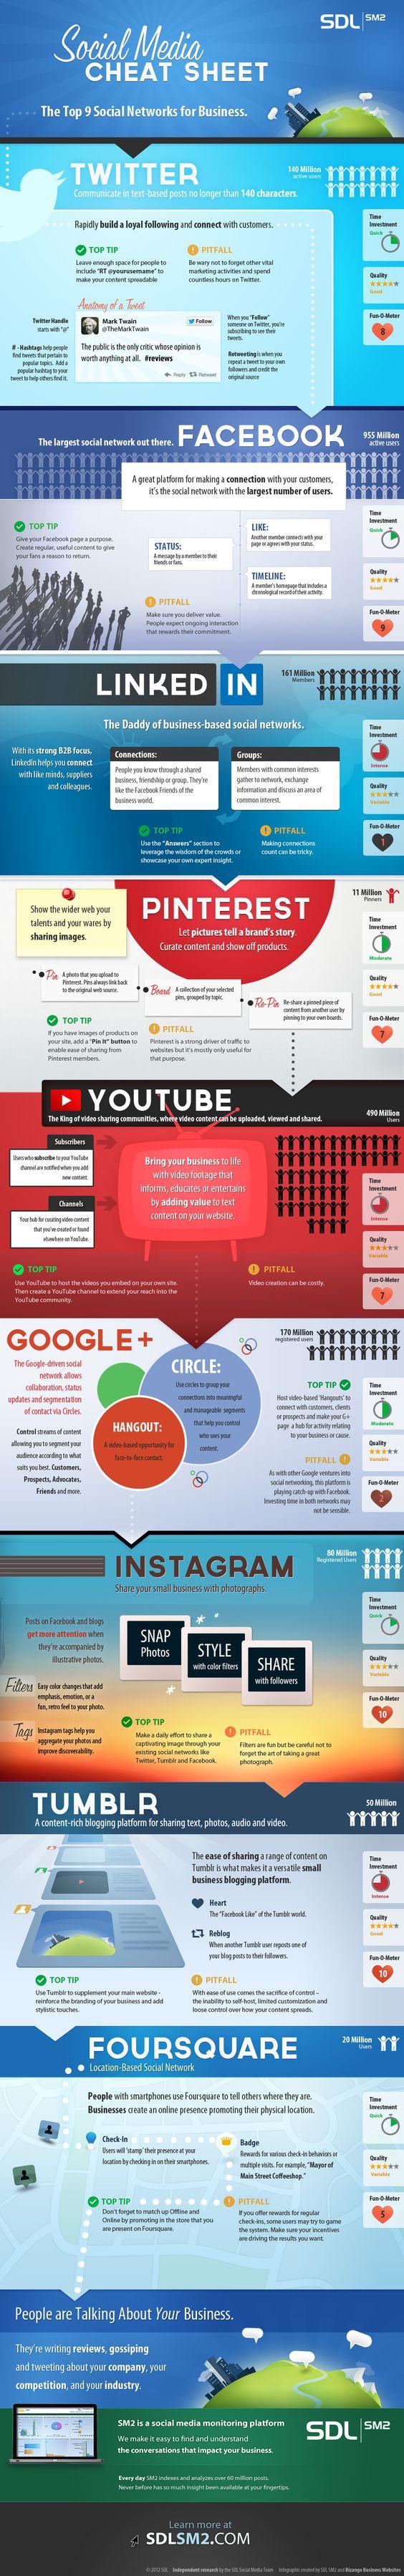 Infografía en inglés que muestra las mejores 9 redes sociales para hacer negocios. No se lo pierda.